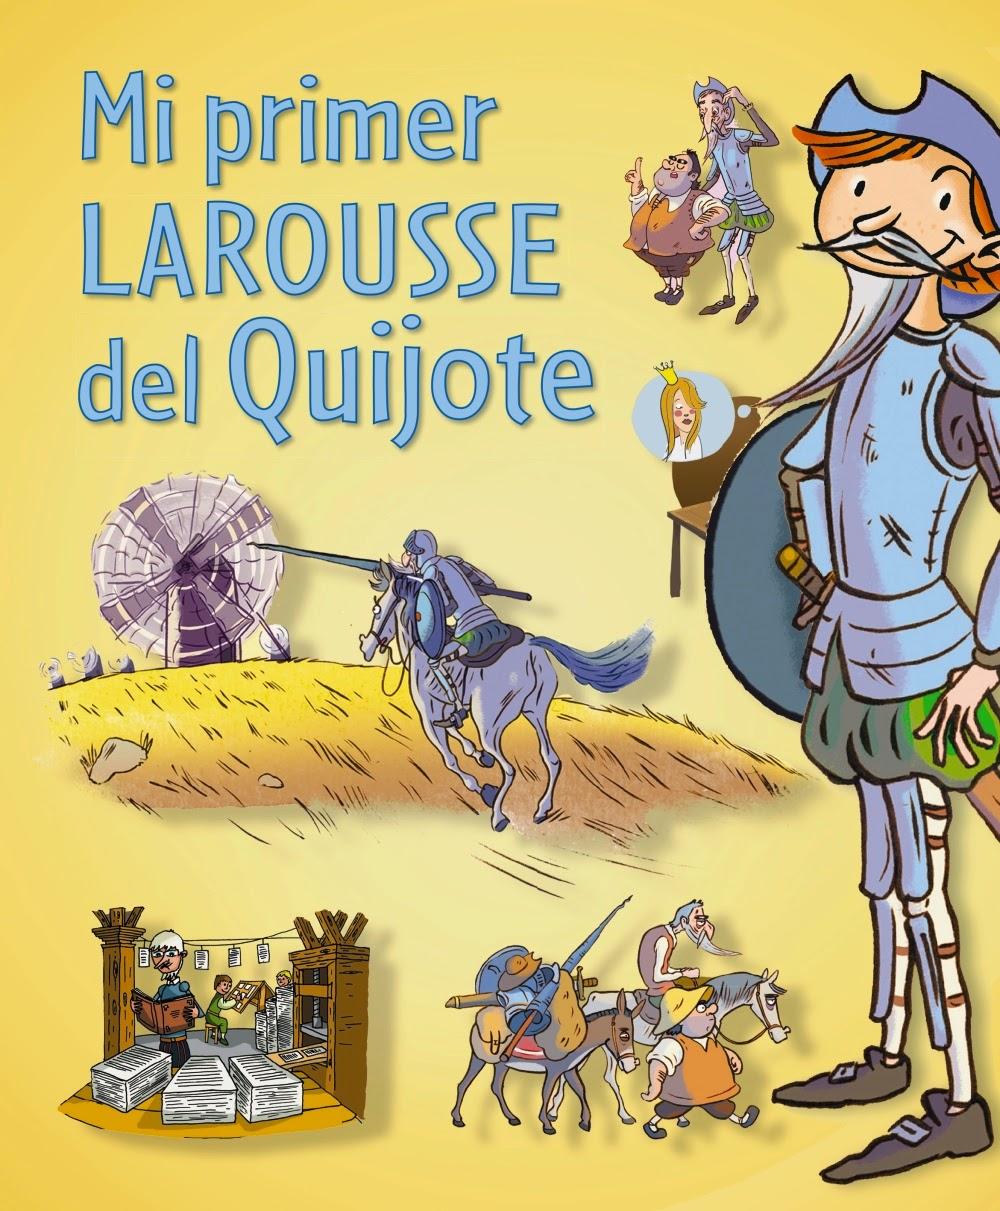 Mi primer larousse del quijote isbn 9788416124121